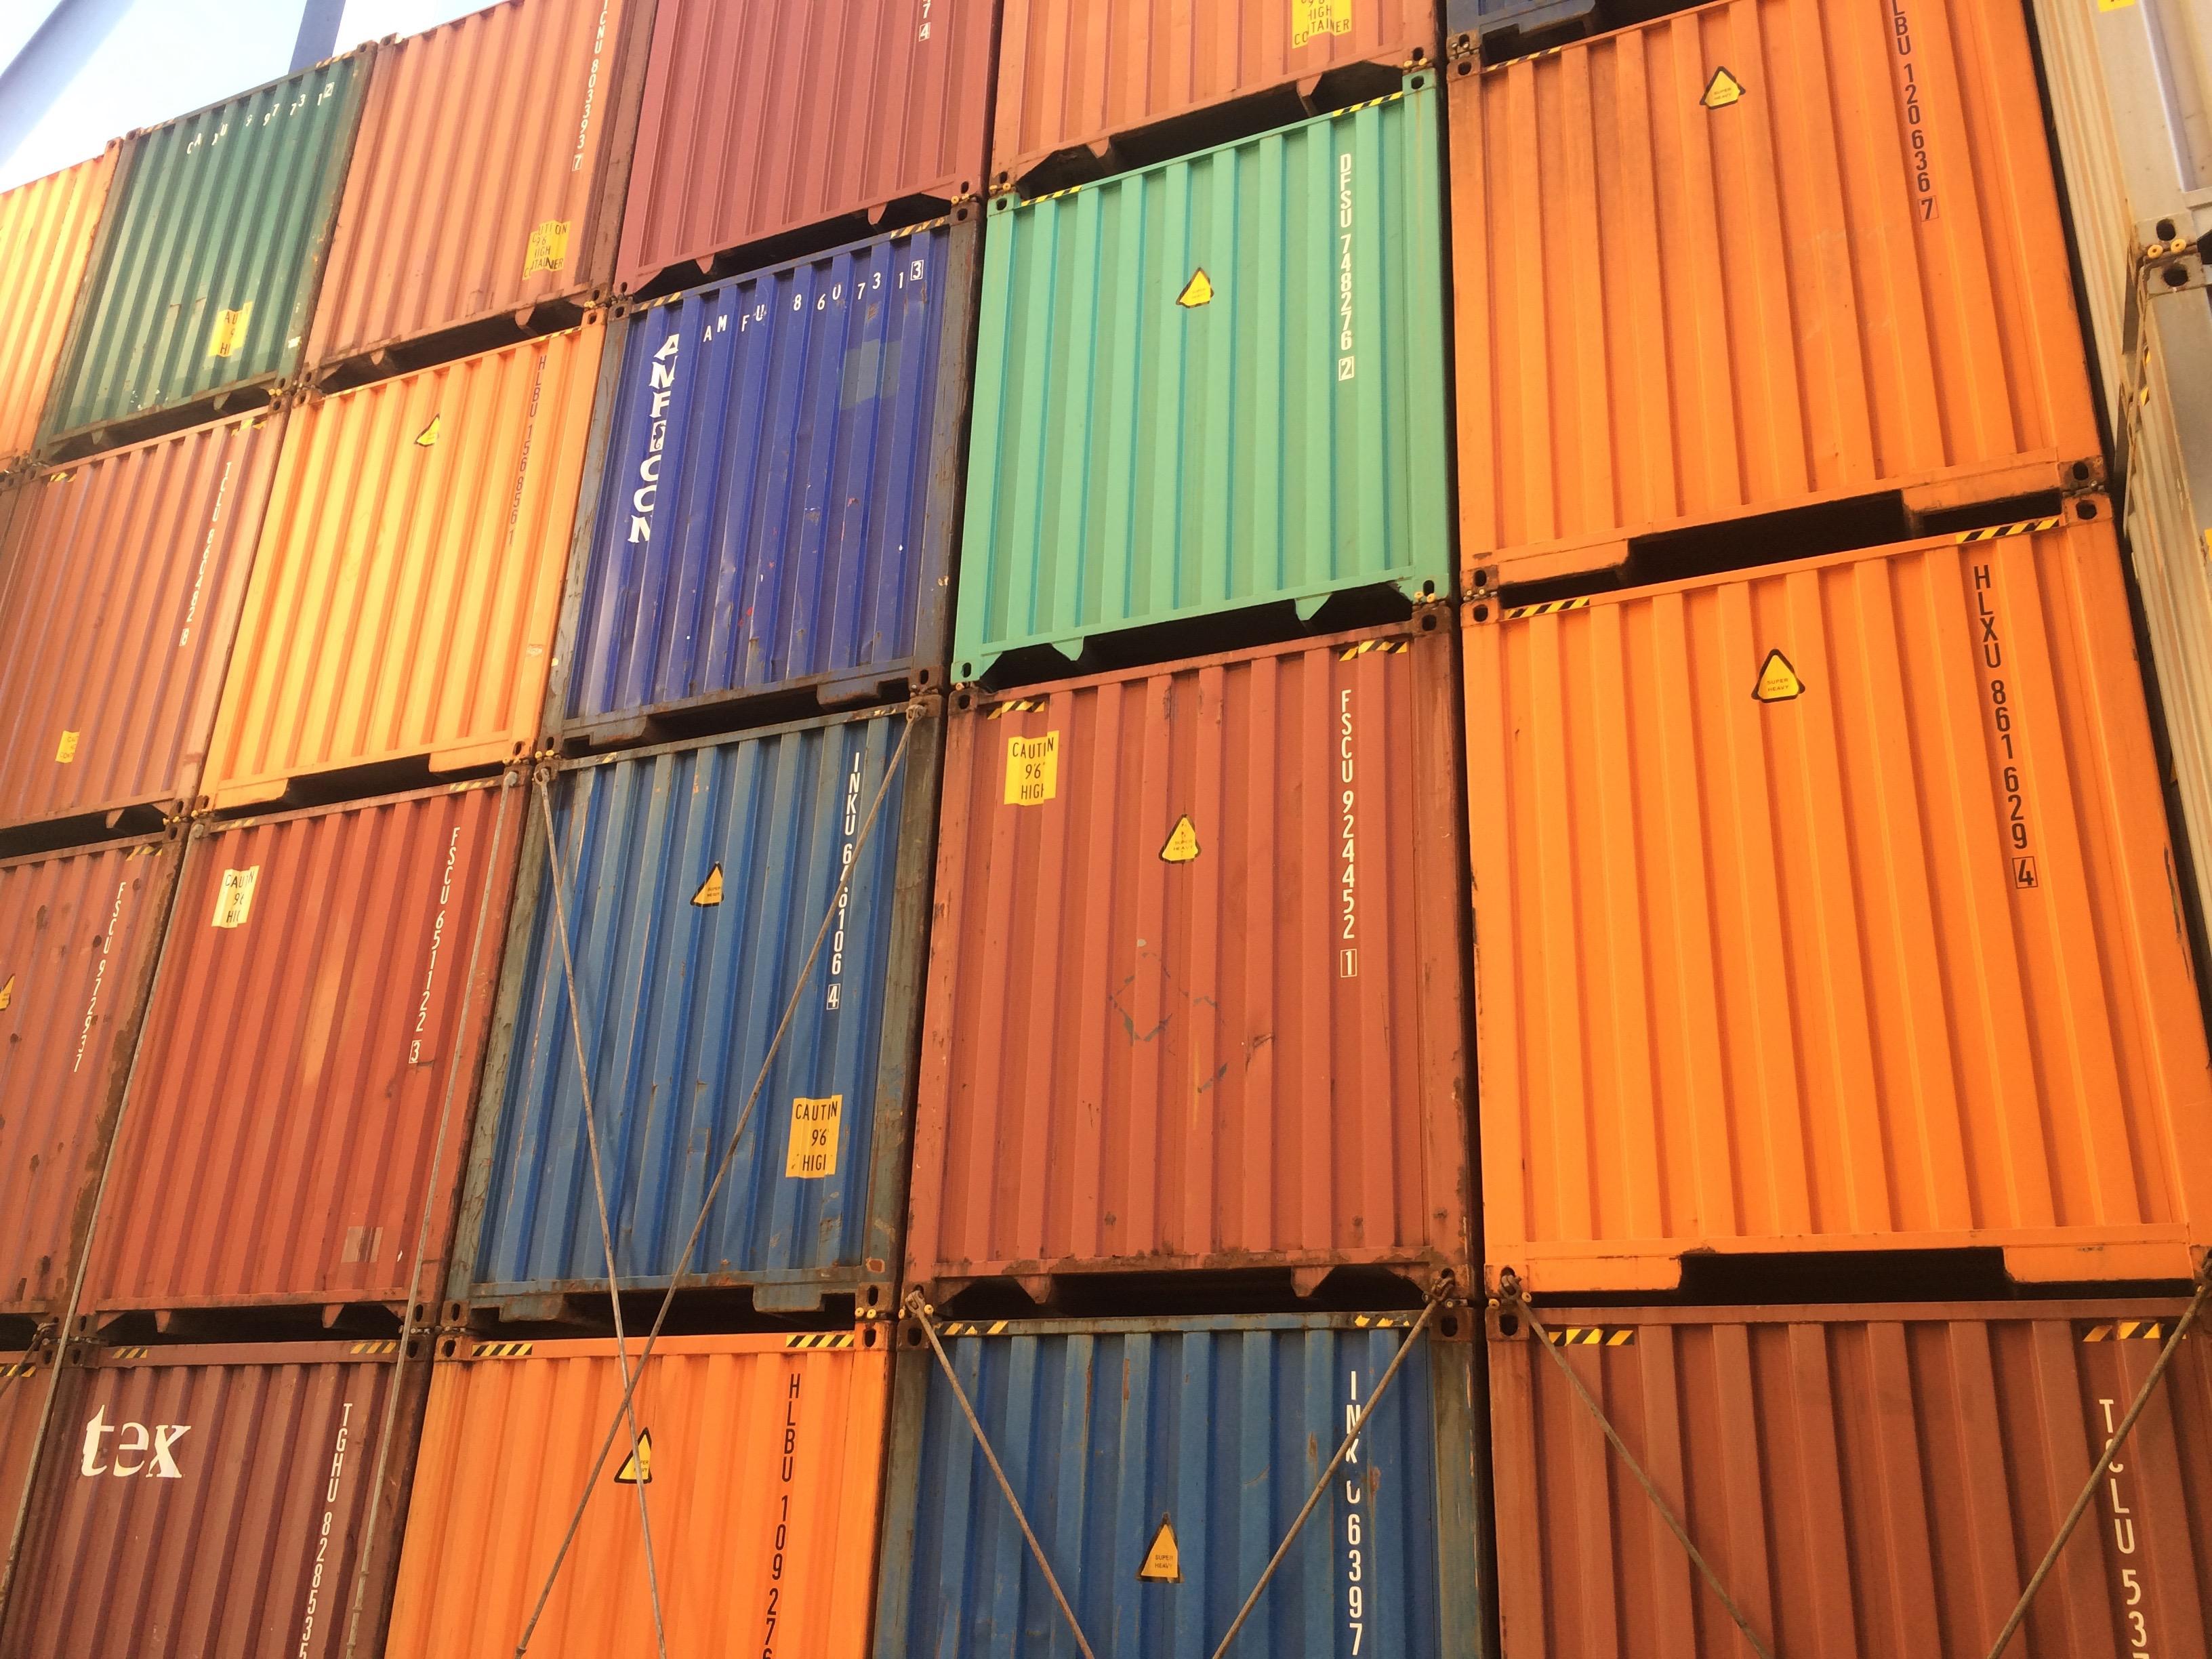 Reuters precio de contenedores en su m ximo desde 2015 - Contenedores maritimos precio ...